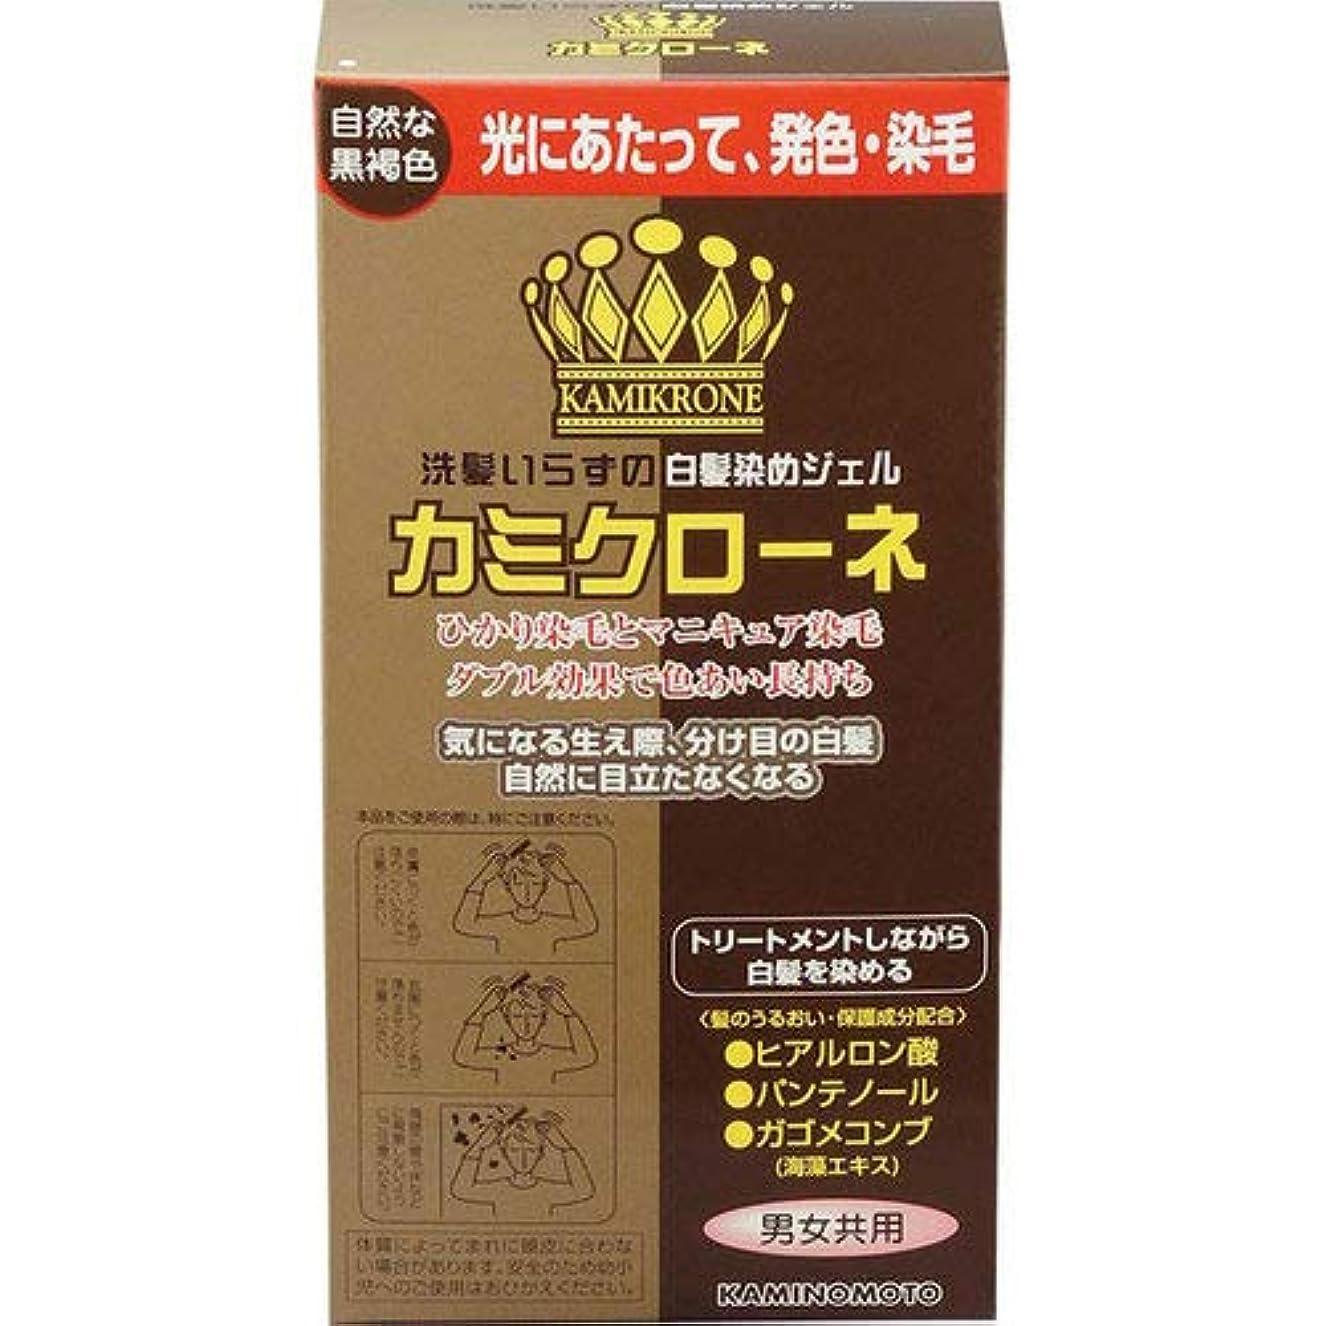 自動的に気質ブランデーカミクローネ(DB)自然な黒褐色